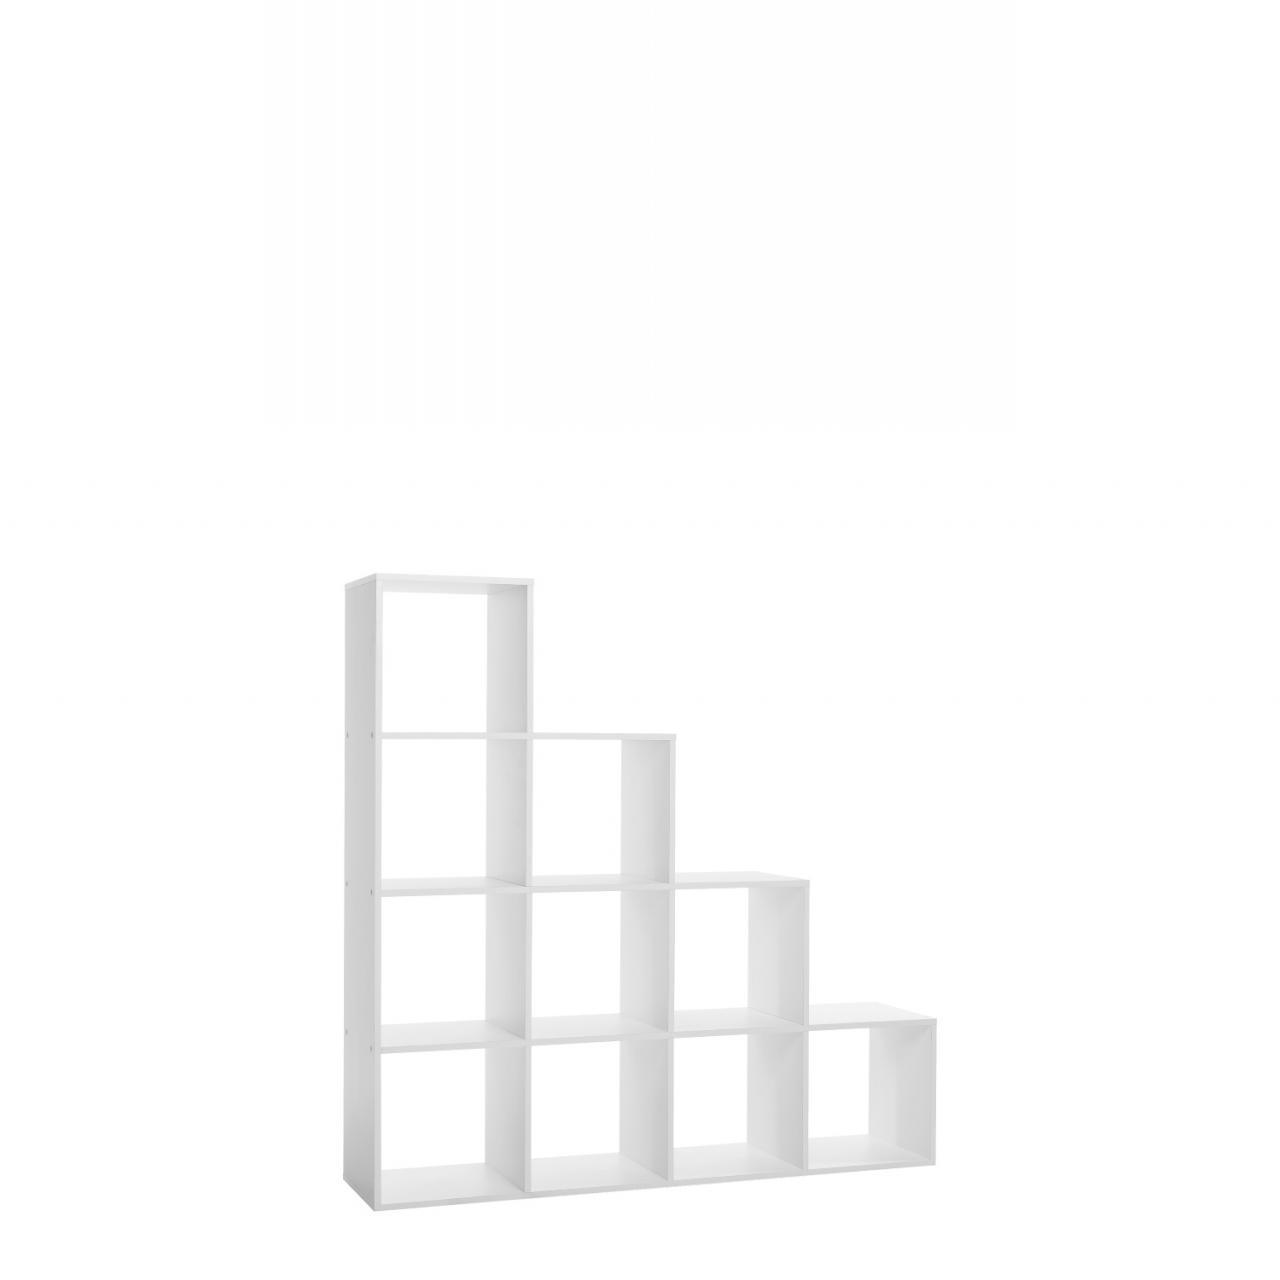 Stufenregal Udine 2 Weiß